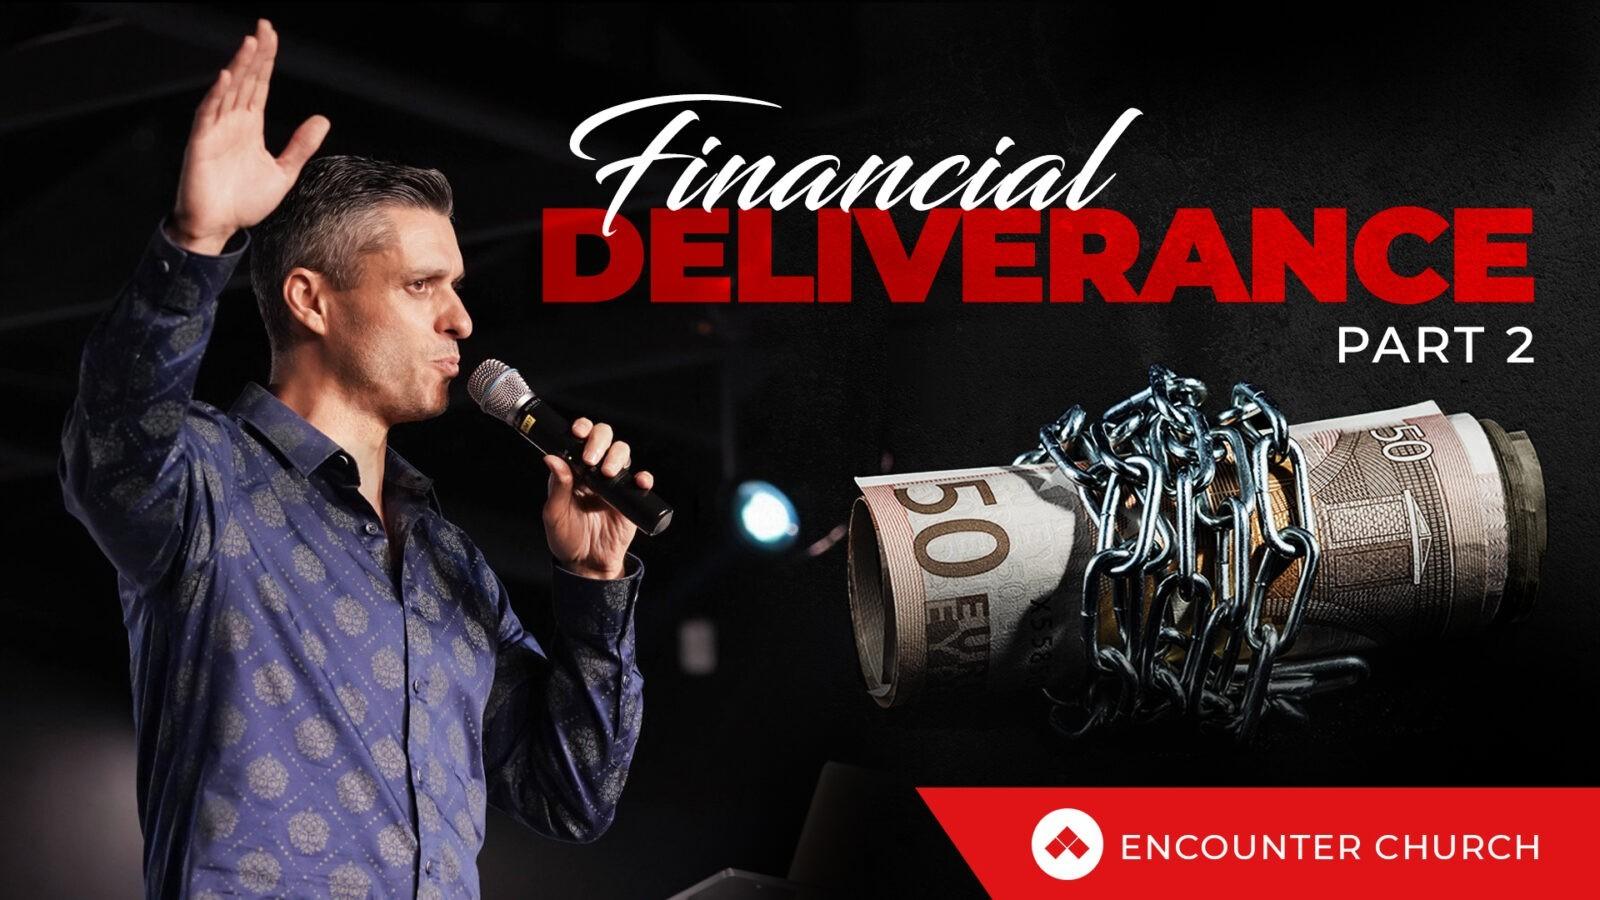 Financial Deliverance Part 2